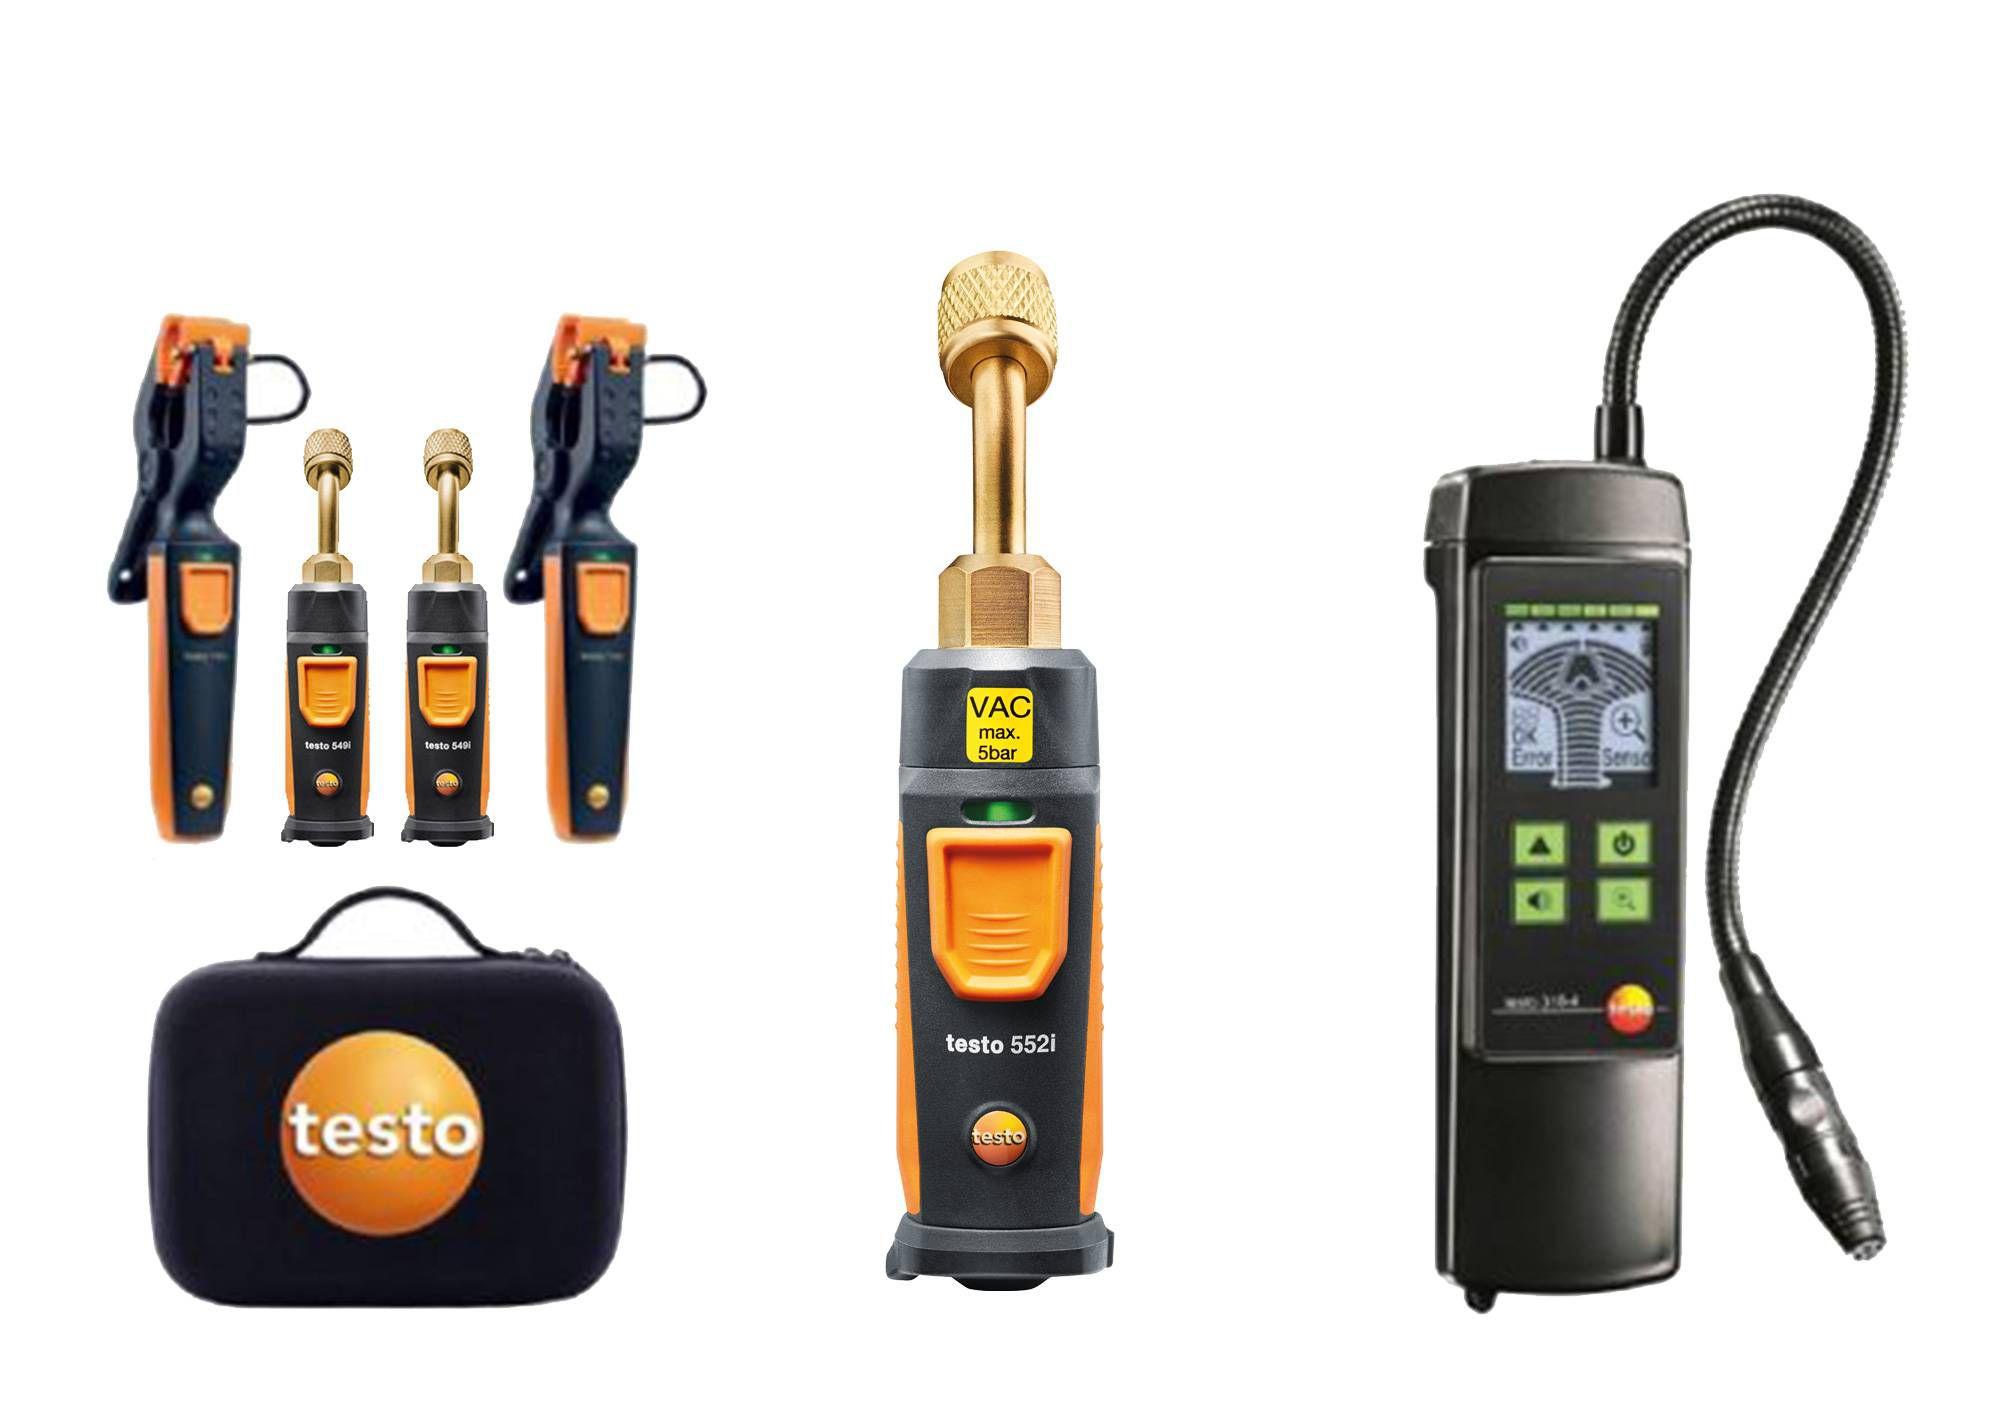 F-gáz promóciós szett javításhoz